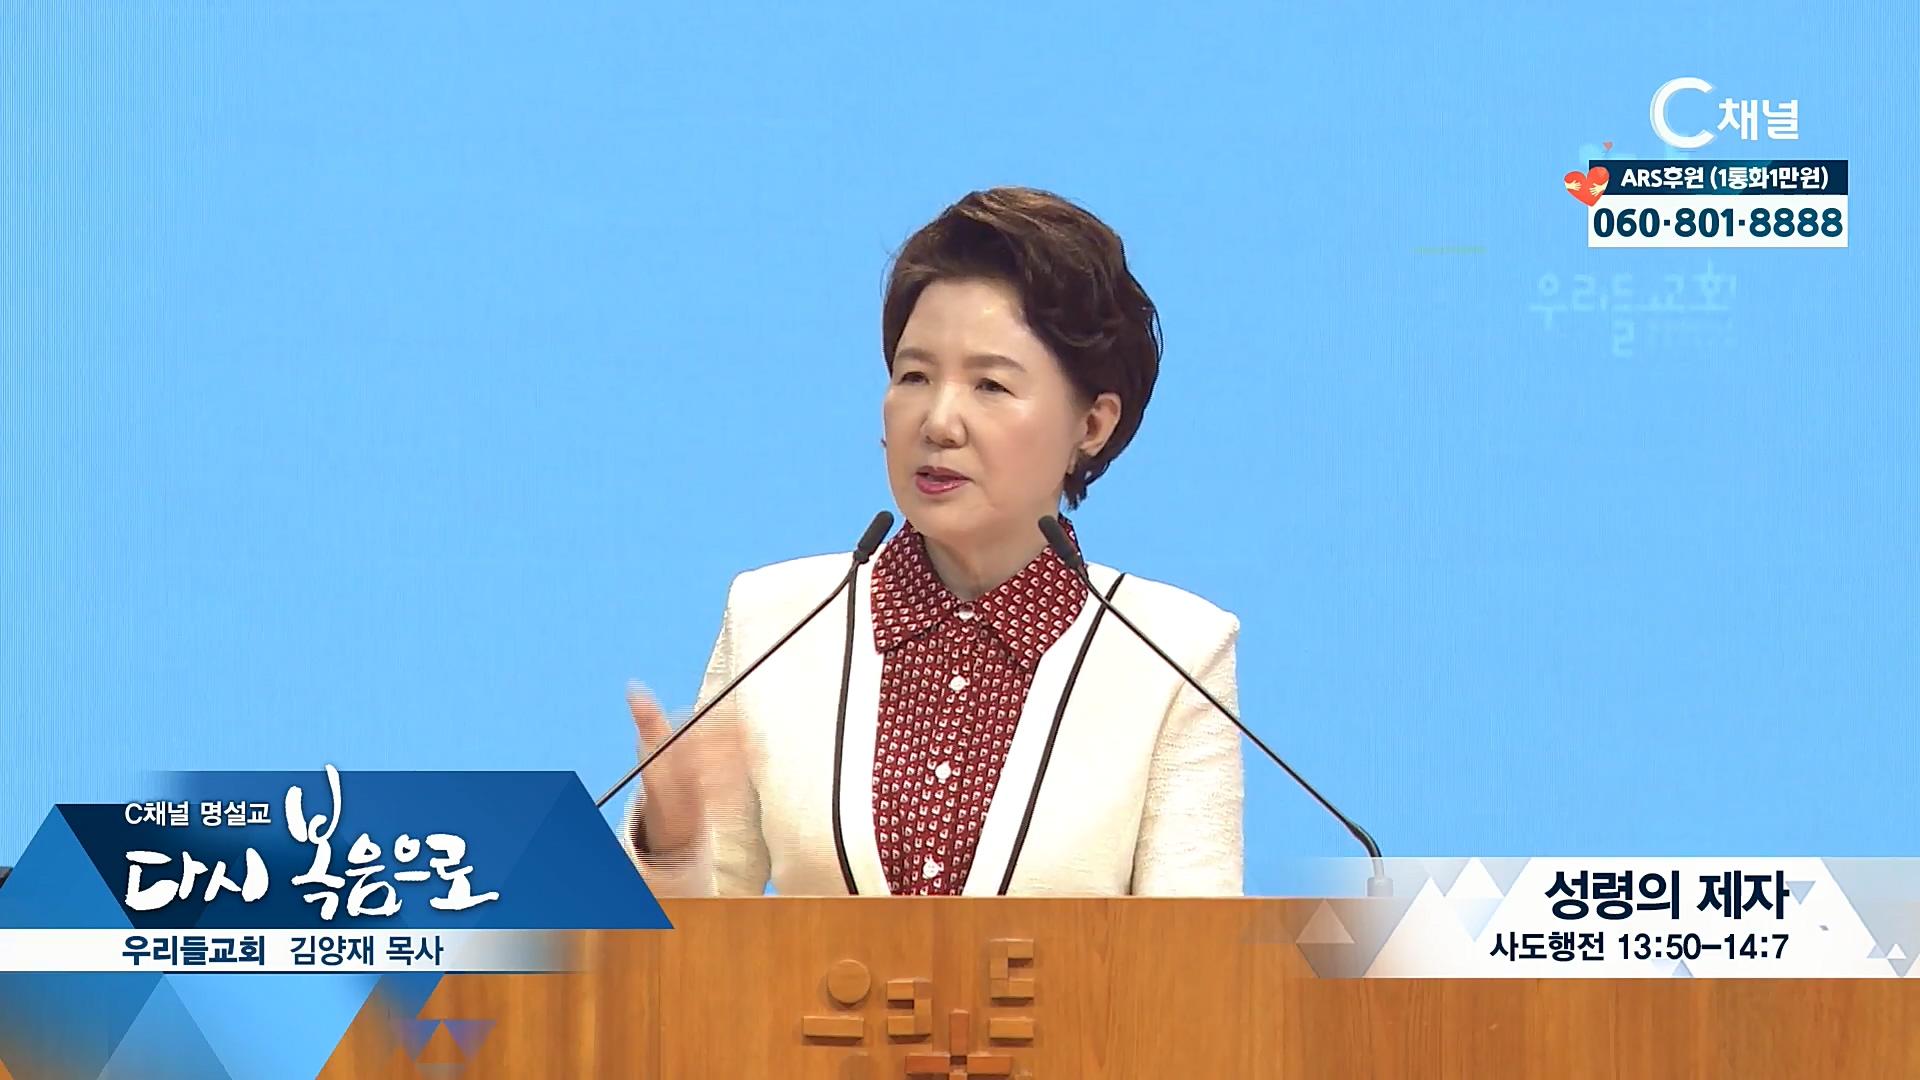 C채널 명설교 다시 복음으로 - 우리들교회 김양재 목사 295회